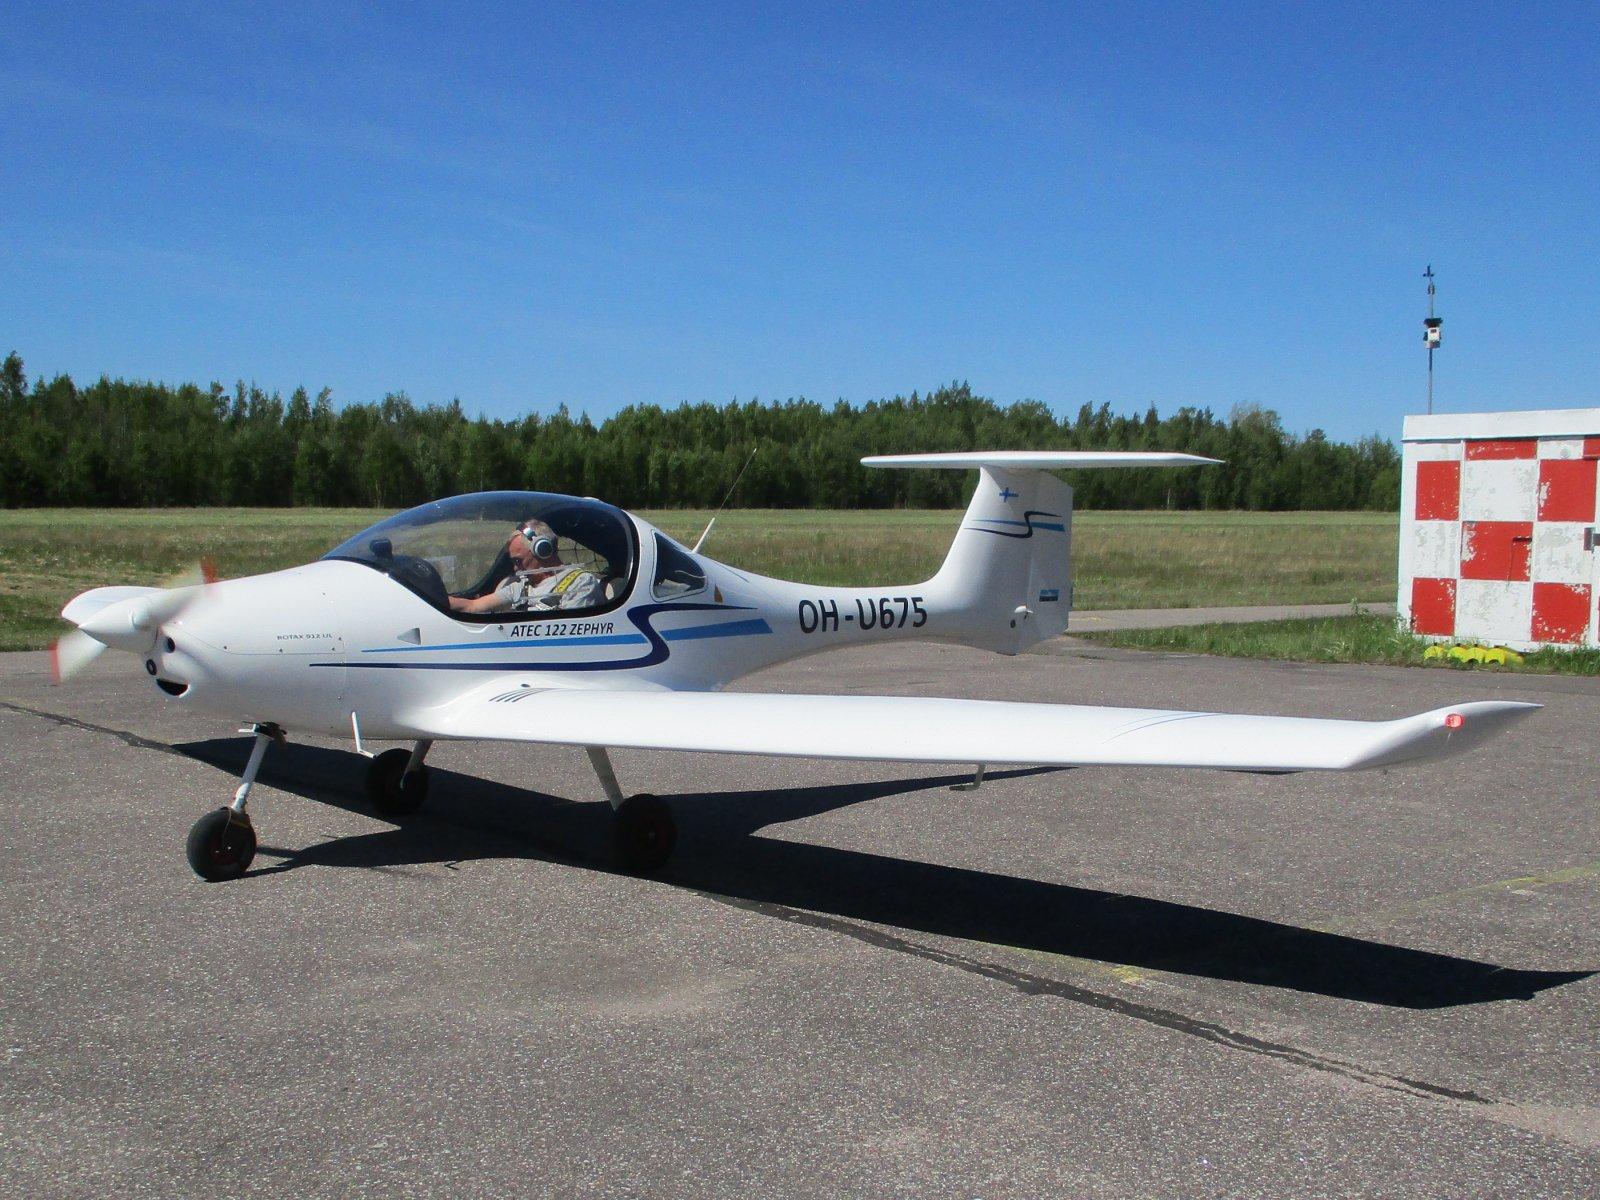 ATEC 122 Zephyr OH-U675 EFHN 2020-05-31